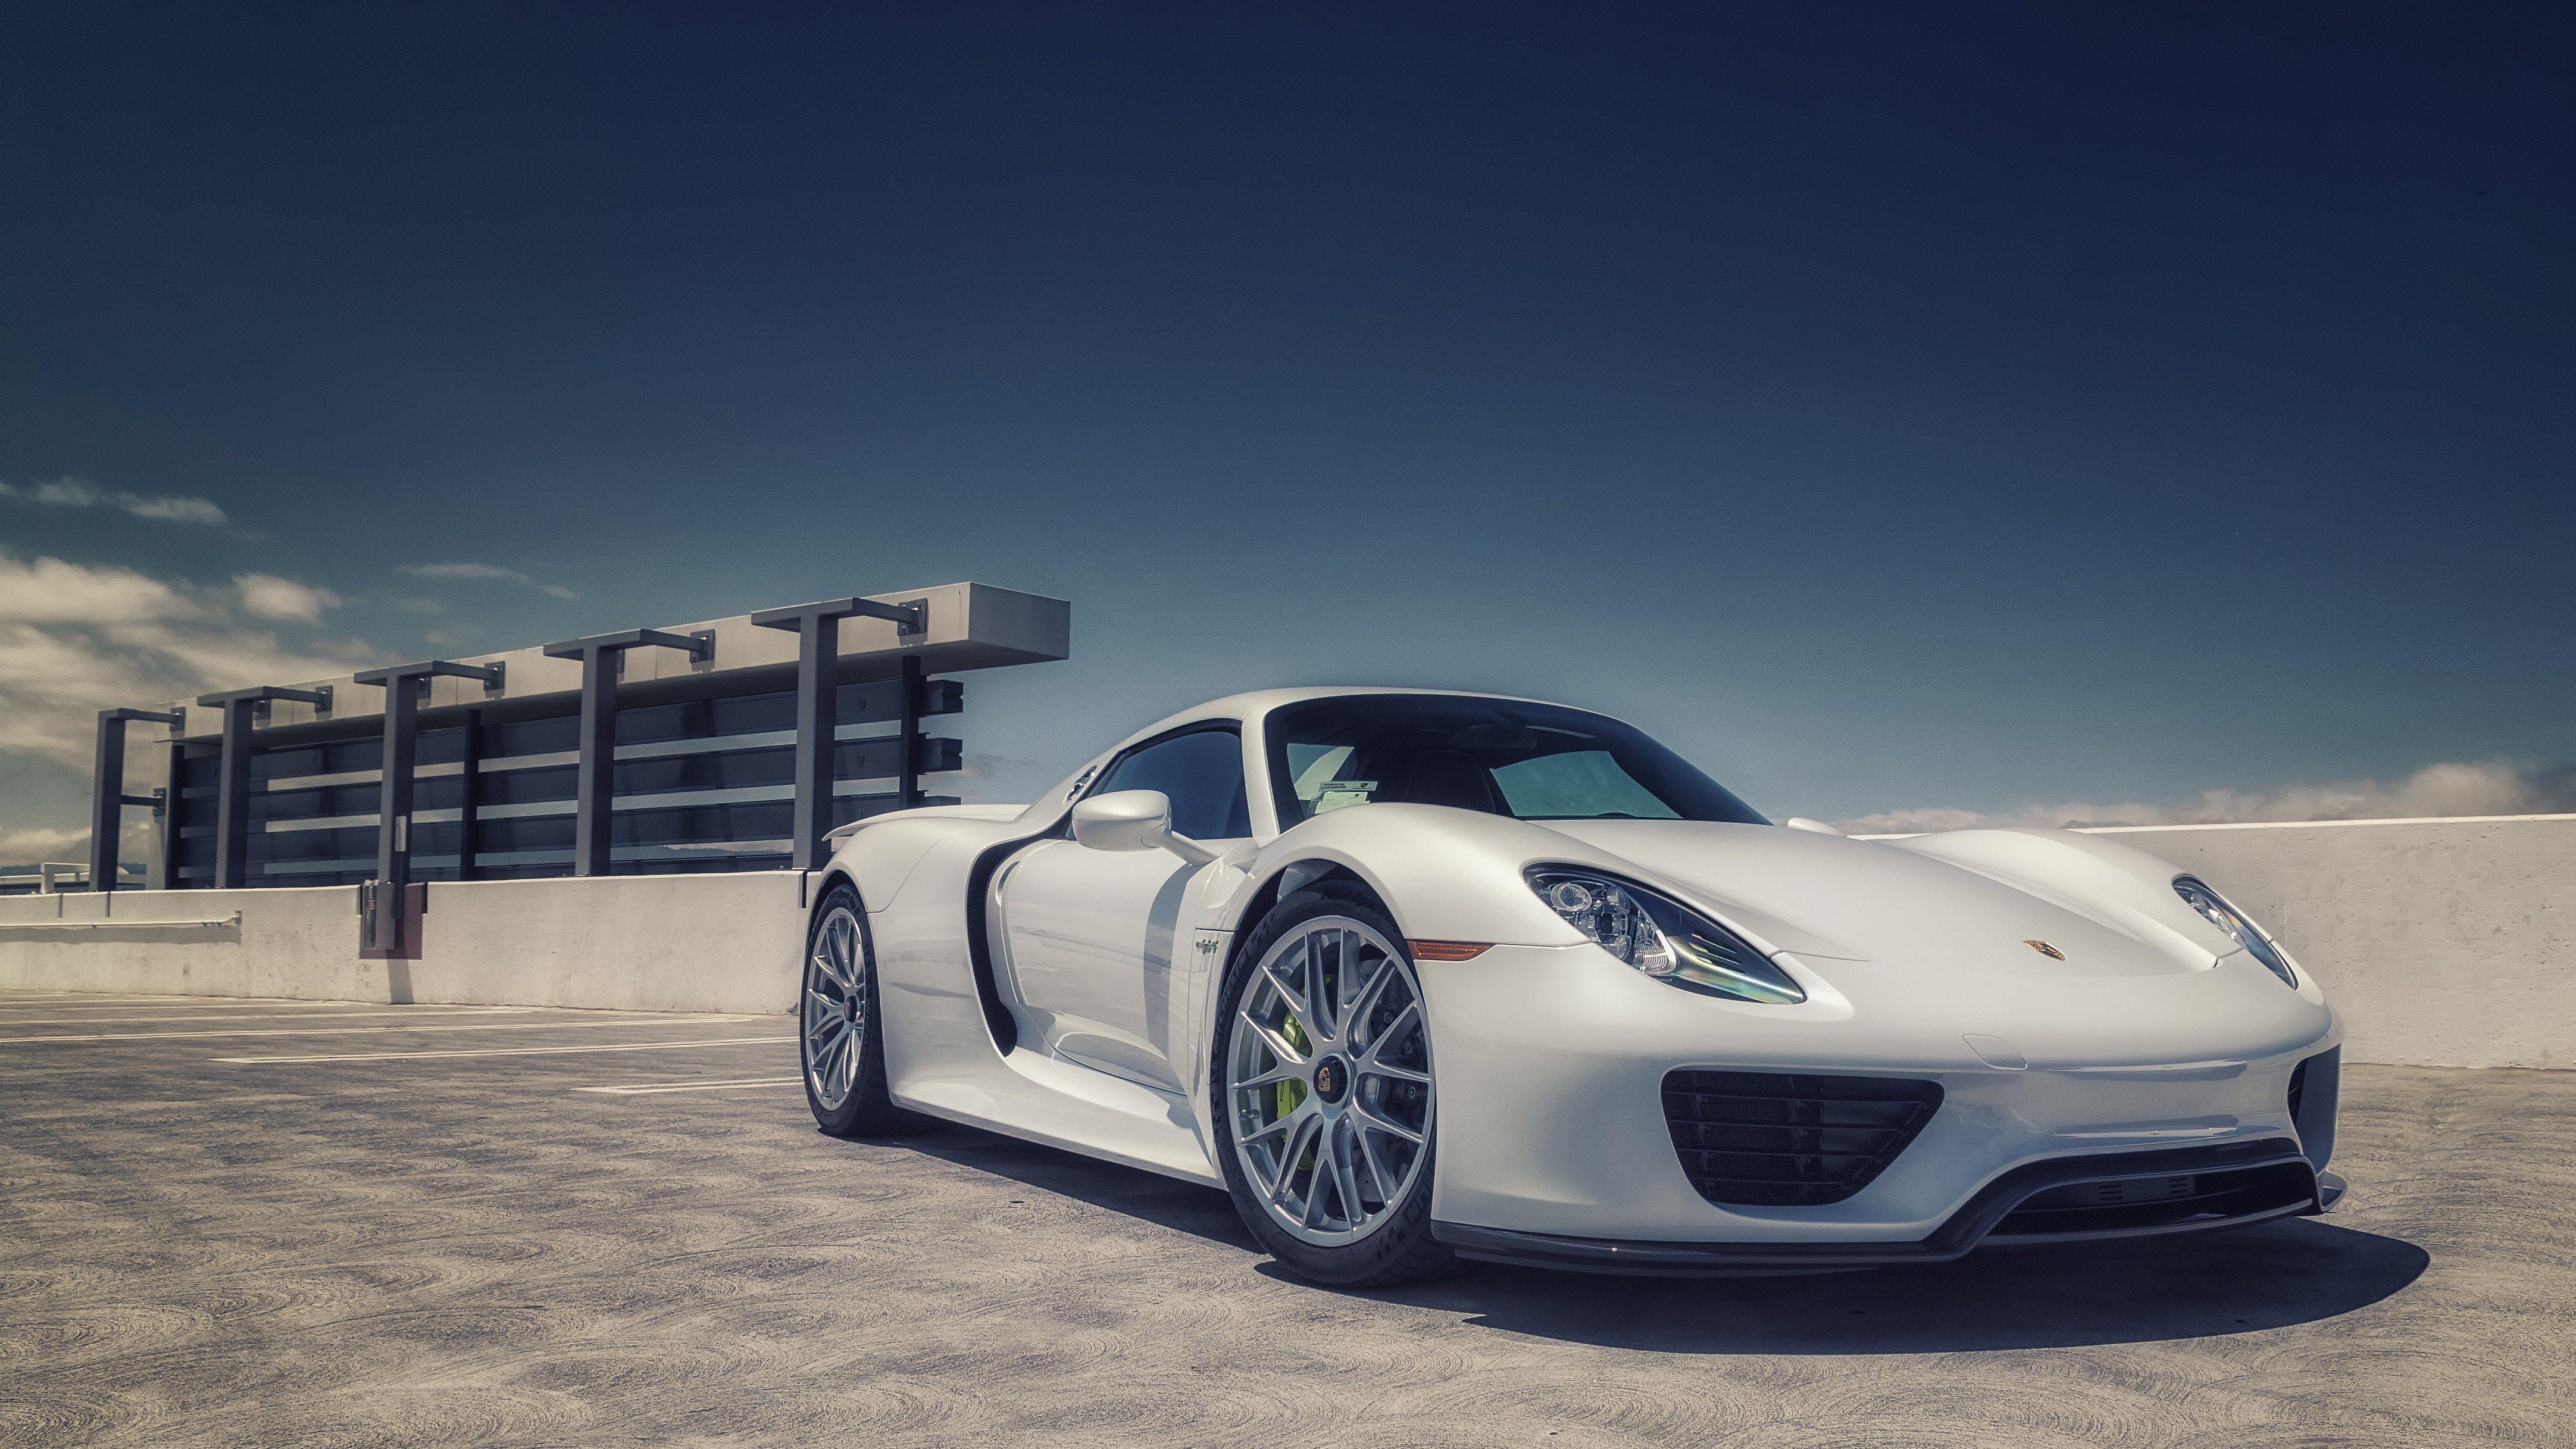 Hd Wallpaper Porsche 918 Spyder Porsche 918 Volkswagen Touareg